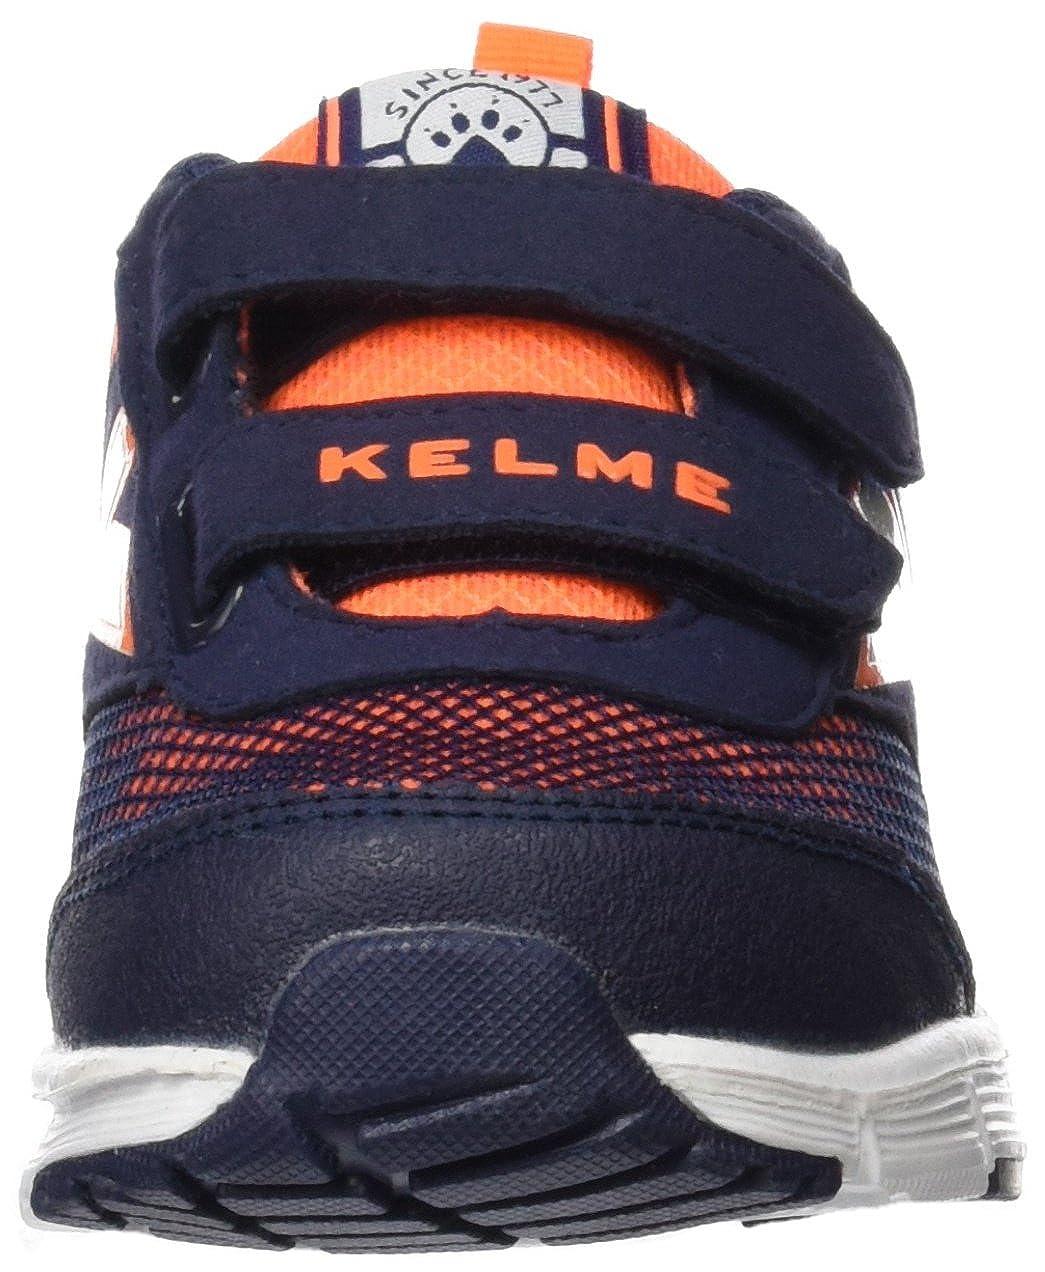 564b224738 Kelme Unisex Kids  Runner One V Fitness Shoes  Amazon.co.uk  Shoes   Bags